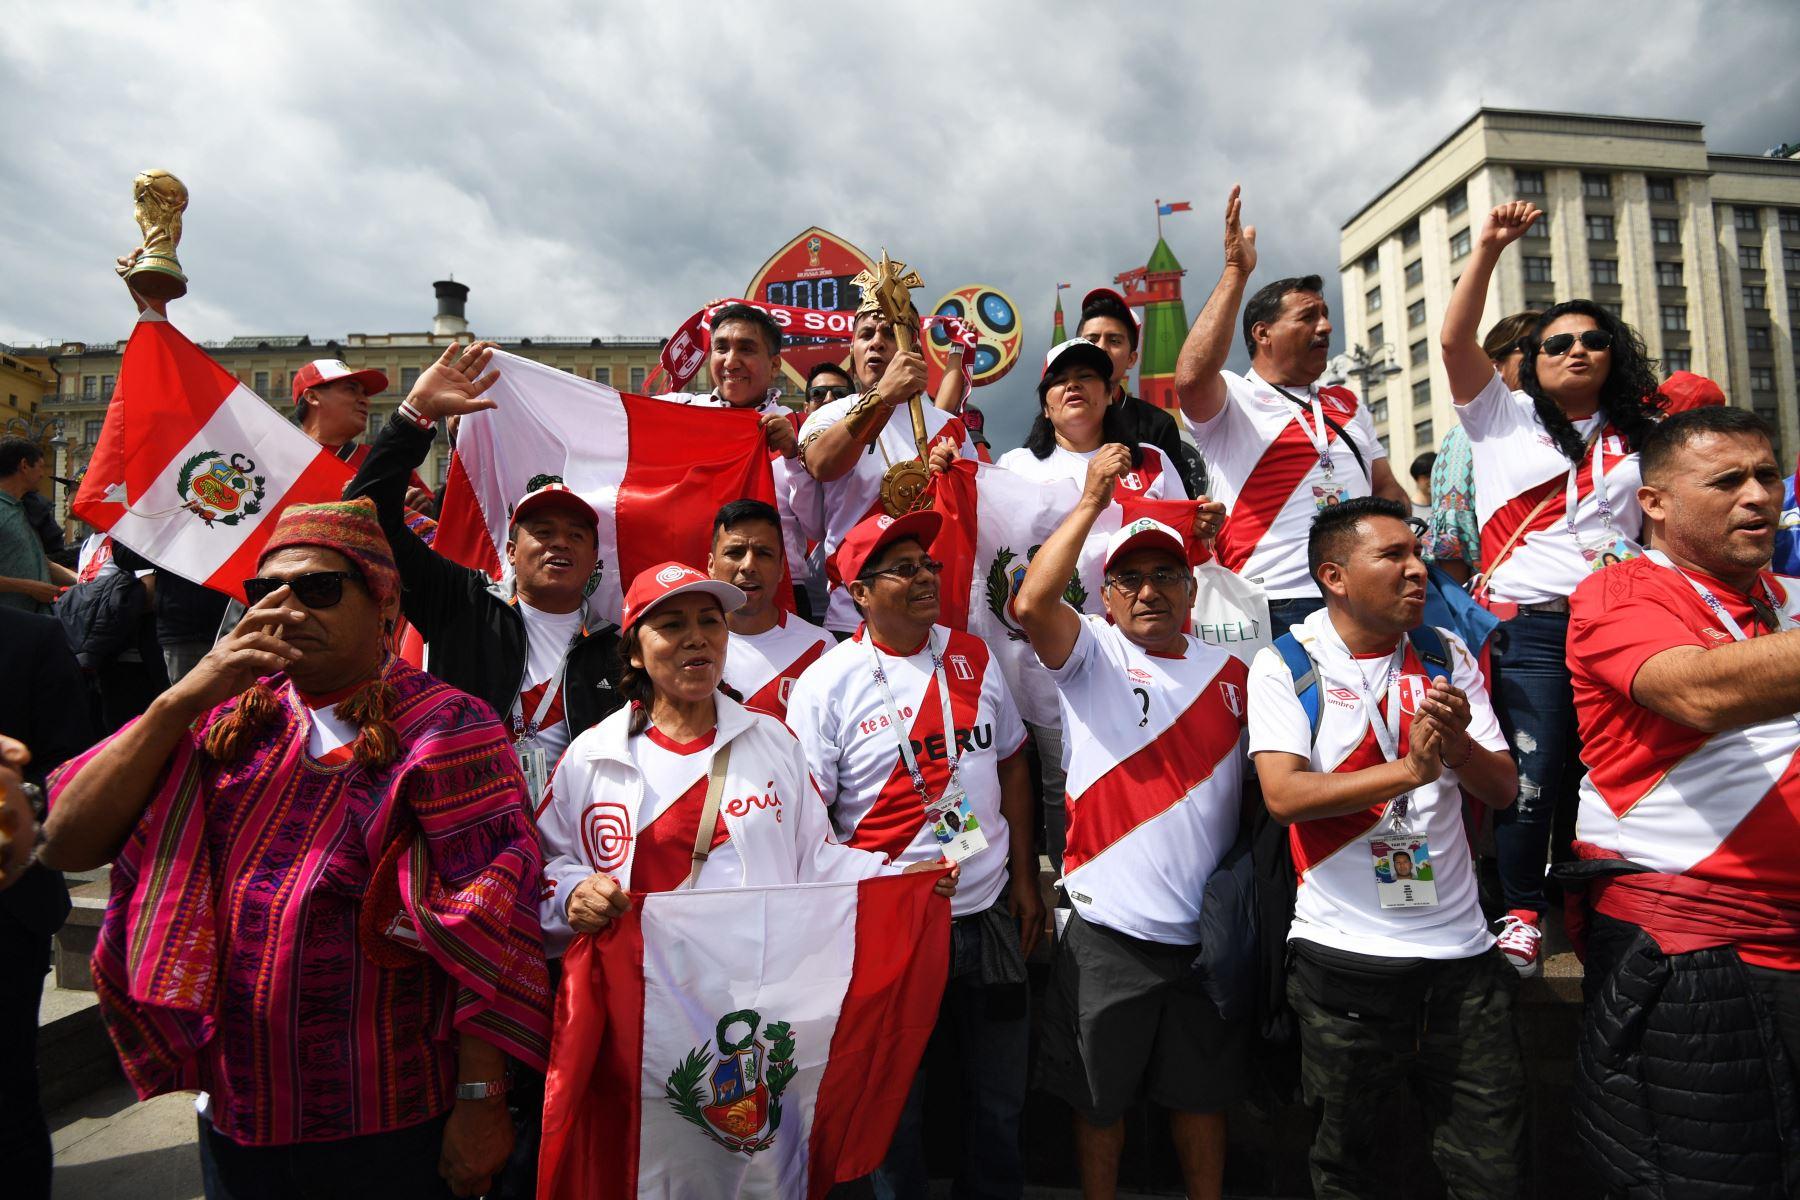 Hinchas del fútbol peruano se reúnen cerca de la Plaza Roja en Moscú, Rusia.  Foto: EFE